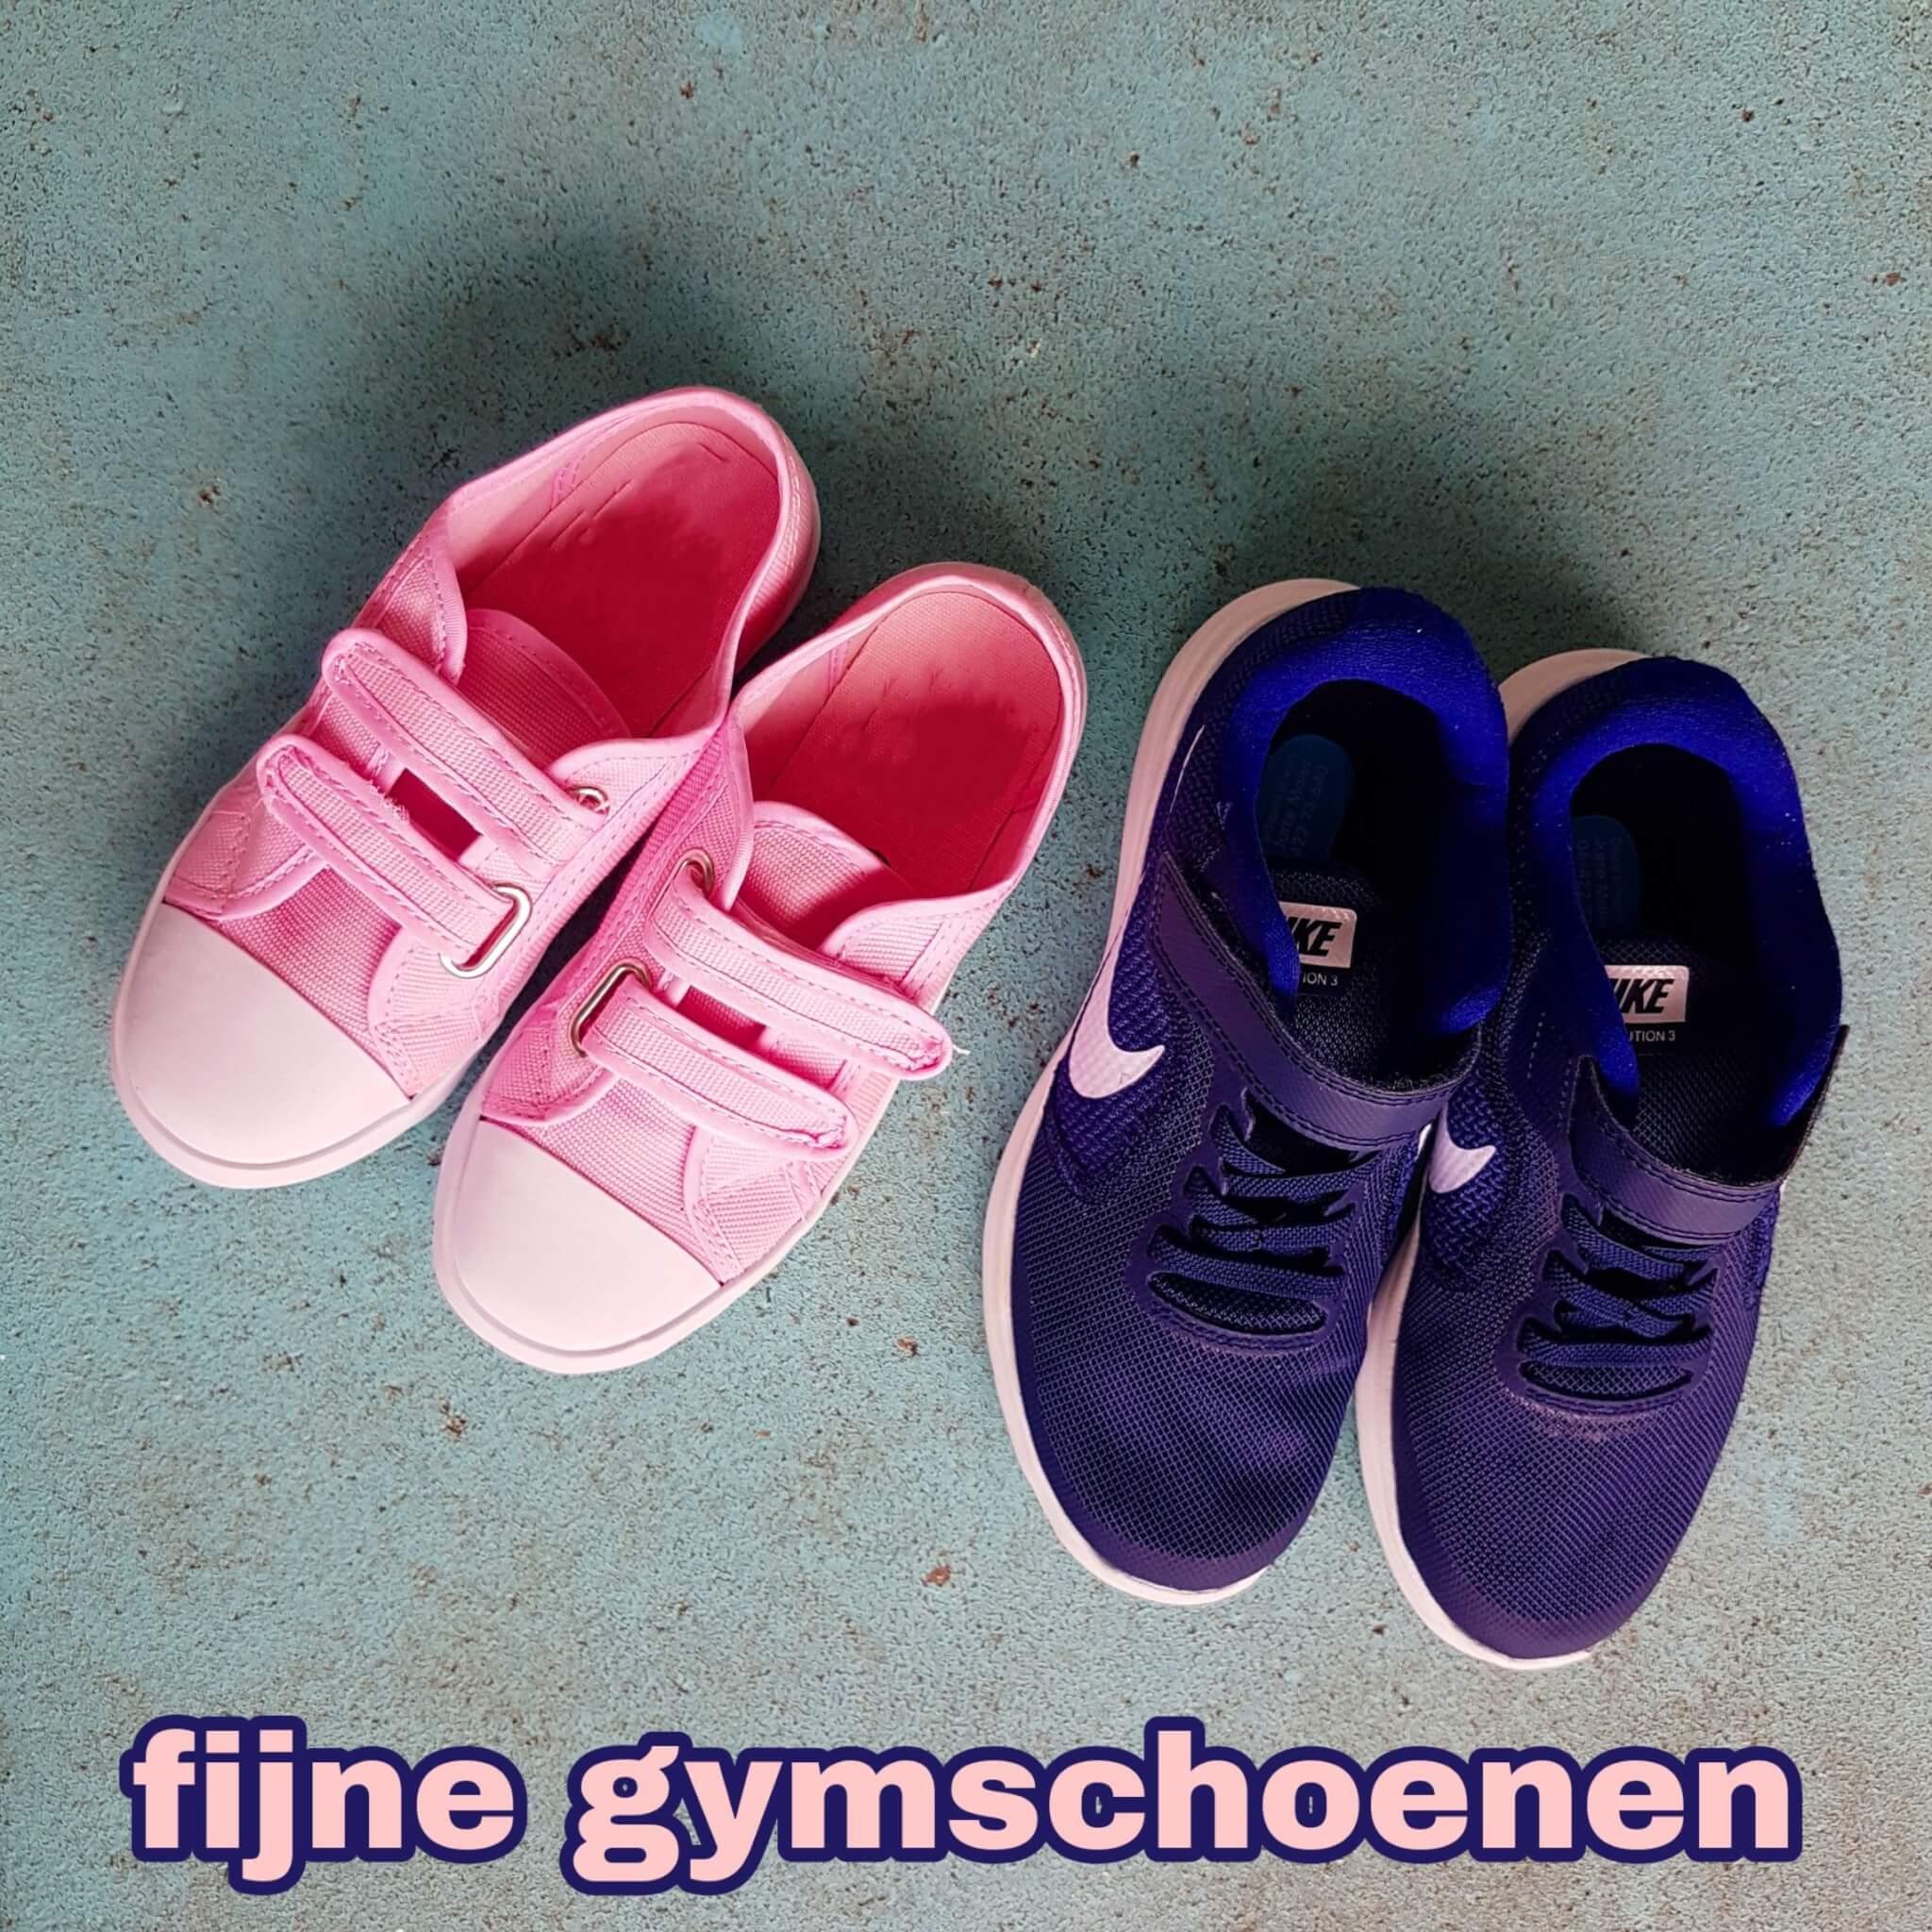 gymschoenen voor kids voor school